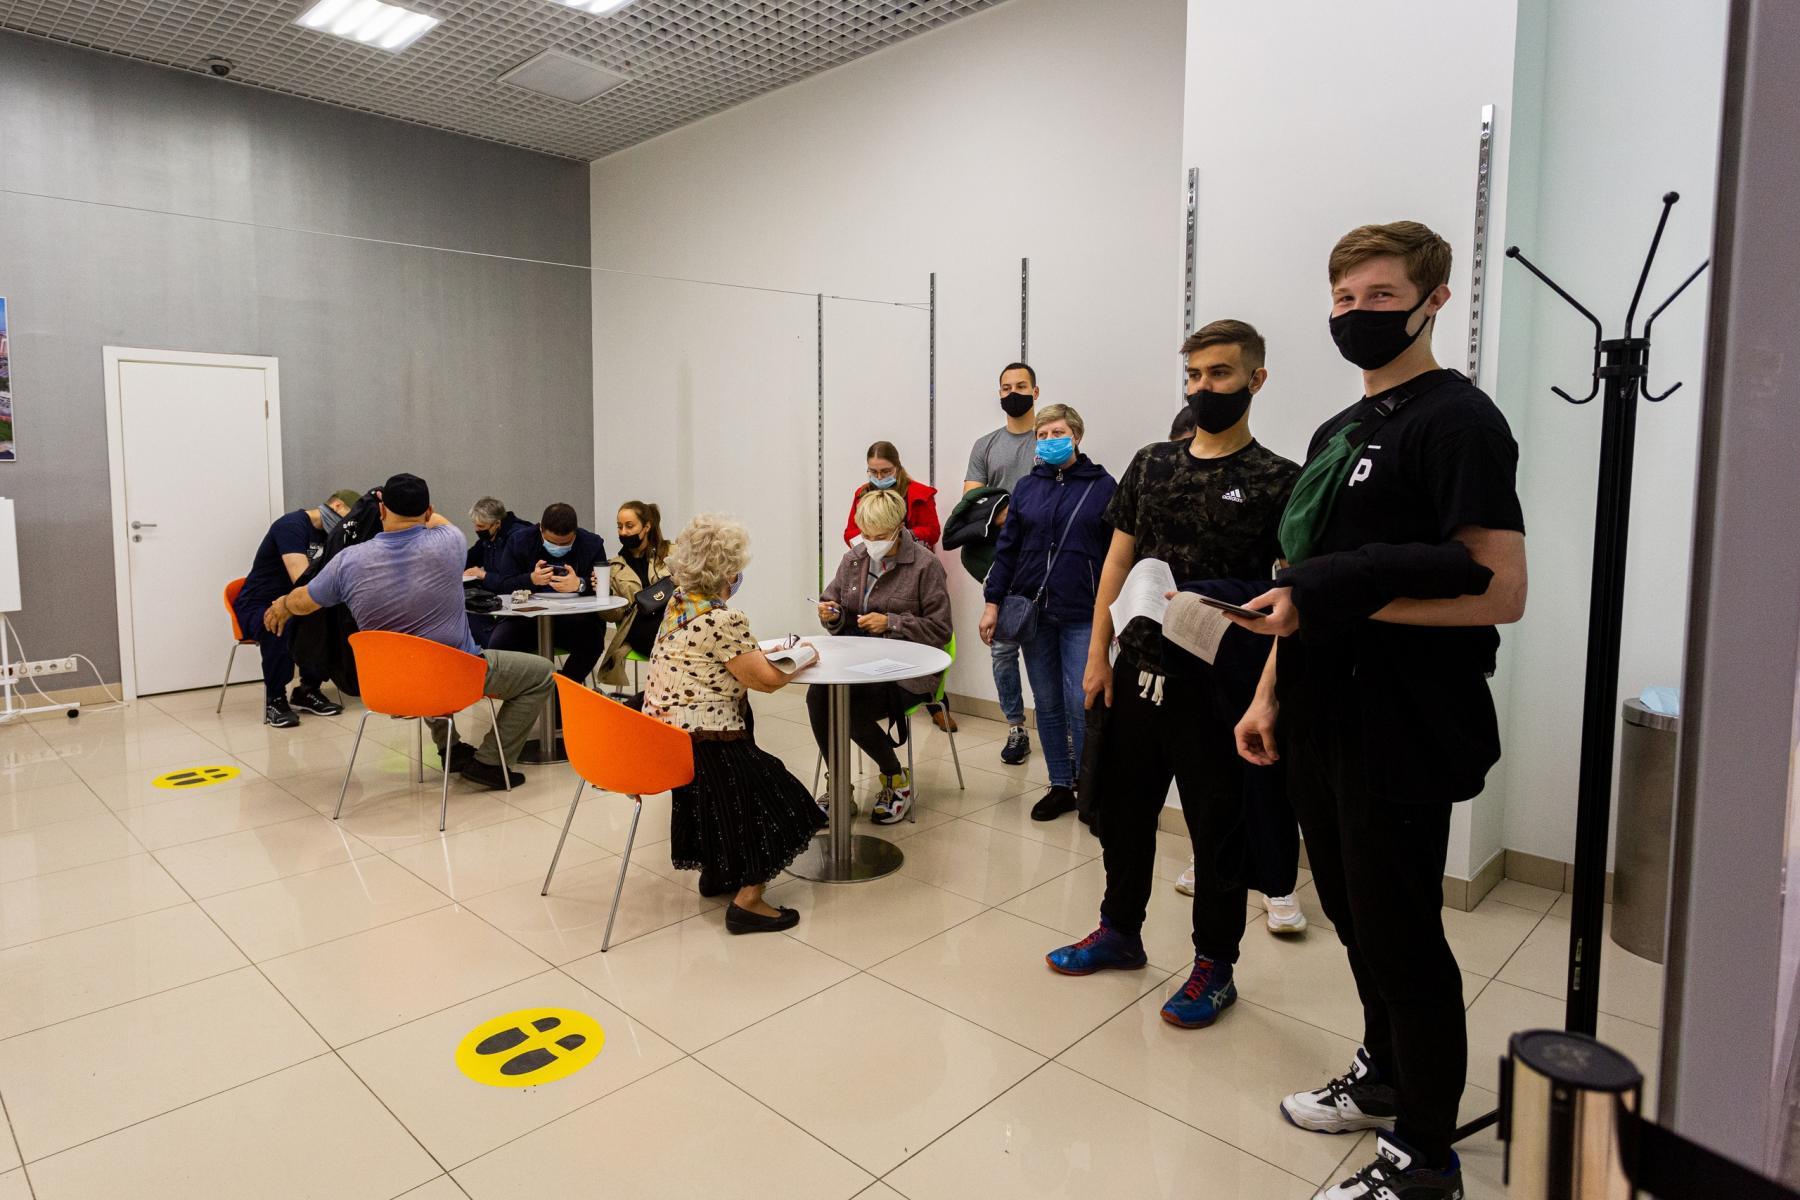 Фото В Новосибирске мобильные пункты вакцинации заполнили десятки людей: 5 мнений из очереди о том, почему нужно прививаться 3